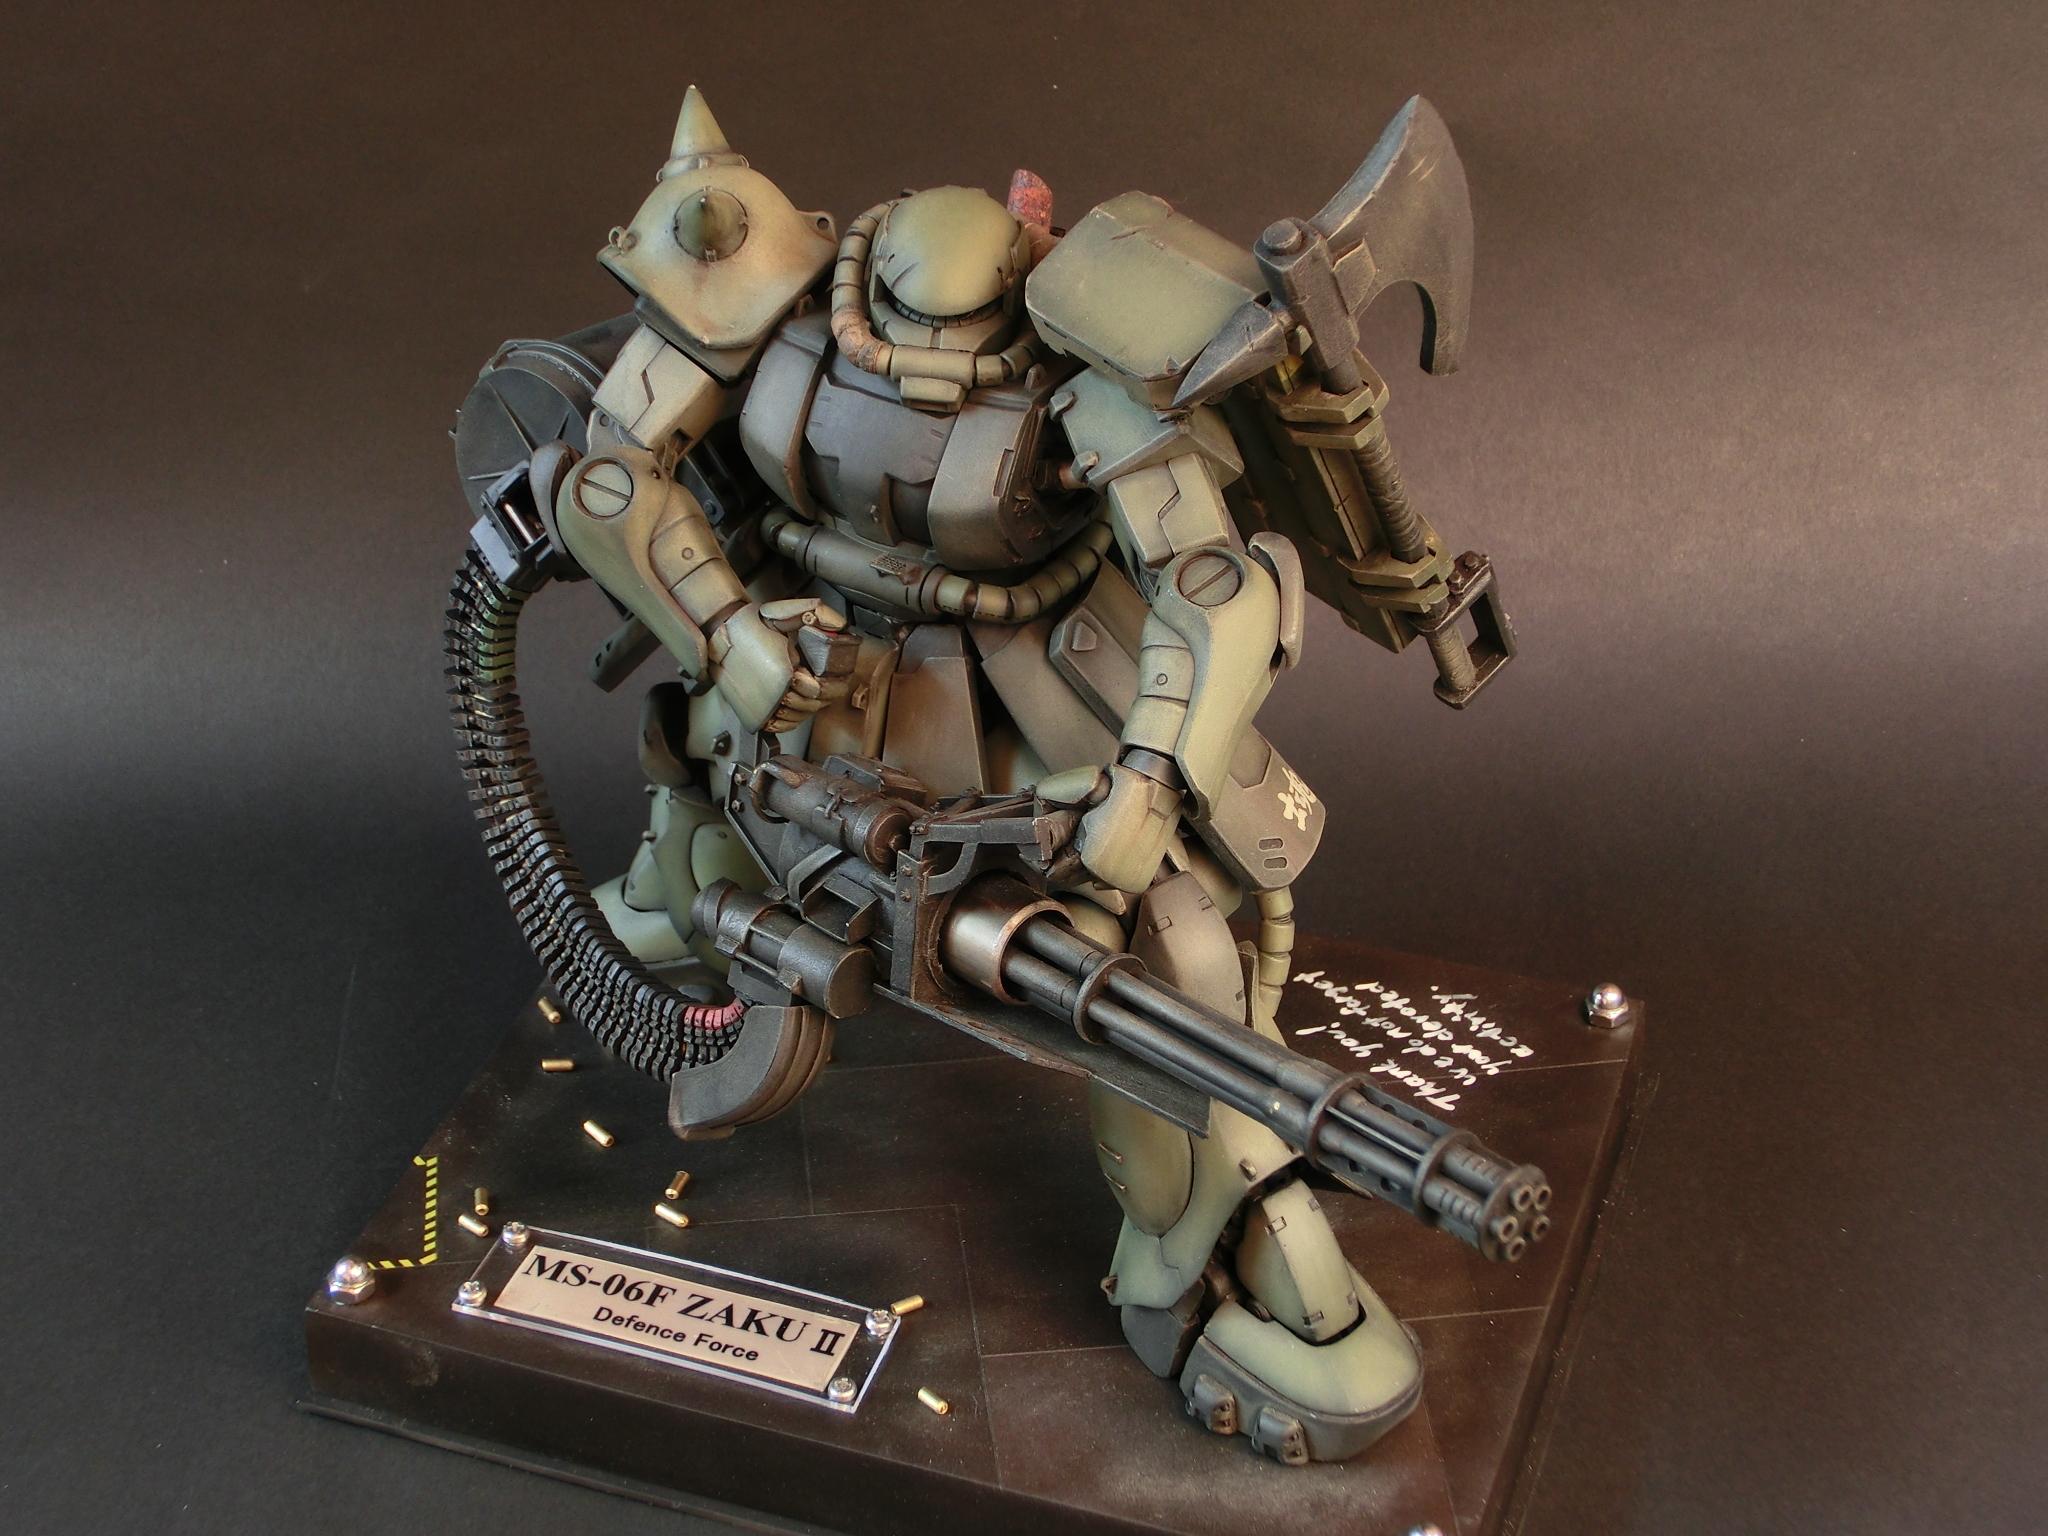 ガンプラ王 Mg 1 100 Ms 06f Zaku Ii Defence Force Custom